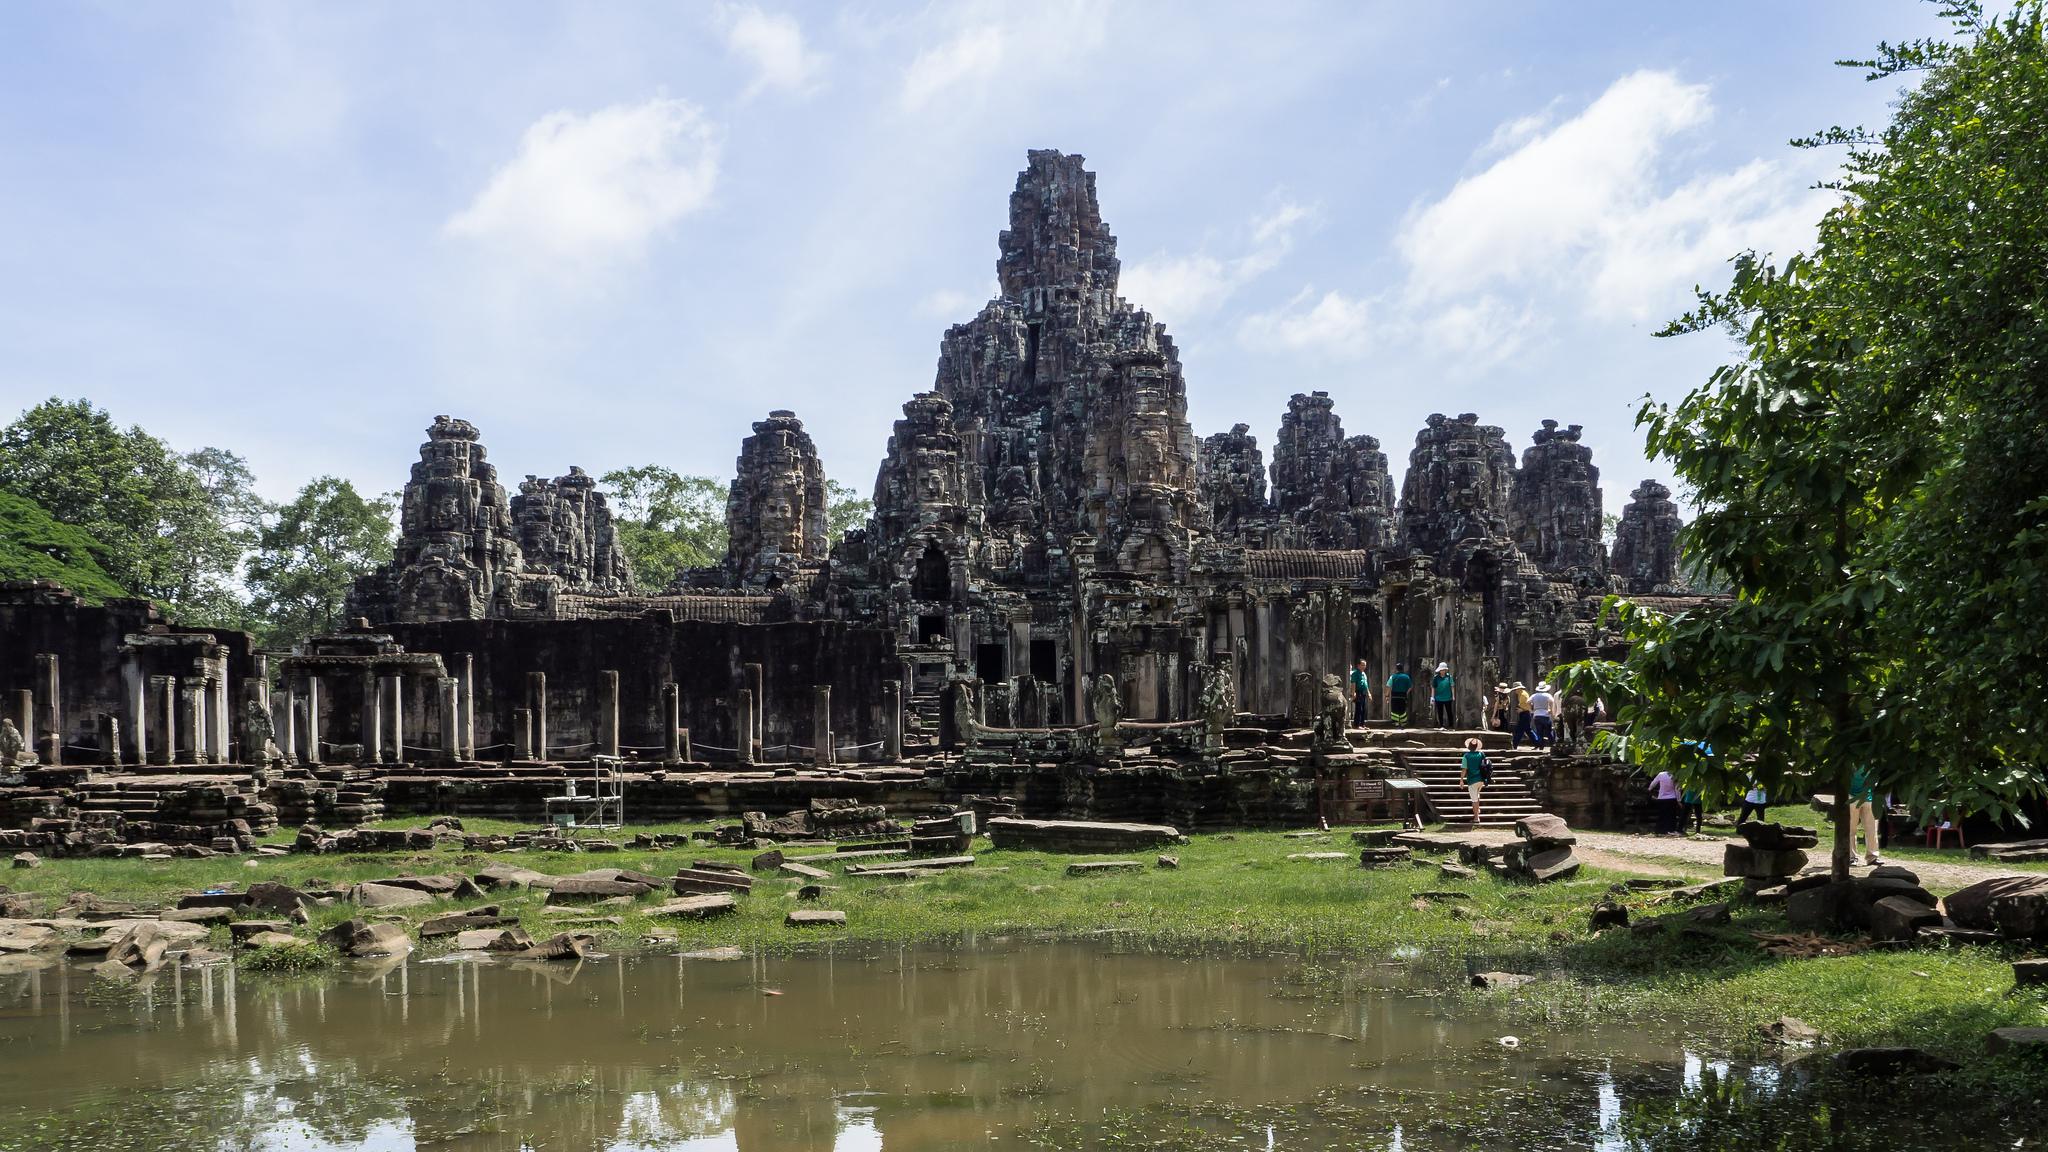 La Thaïlande et le Cambodge souhaitent renforcer leurs relations afin d'attirer davantage de touristes étrangers